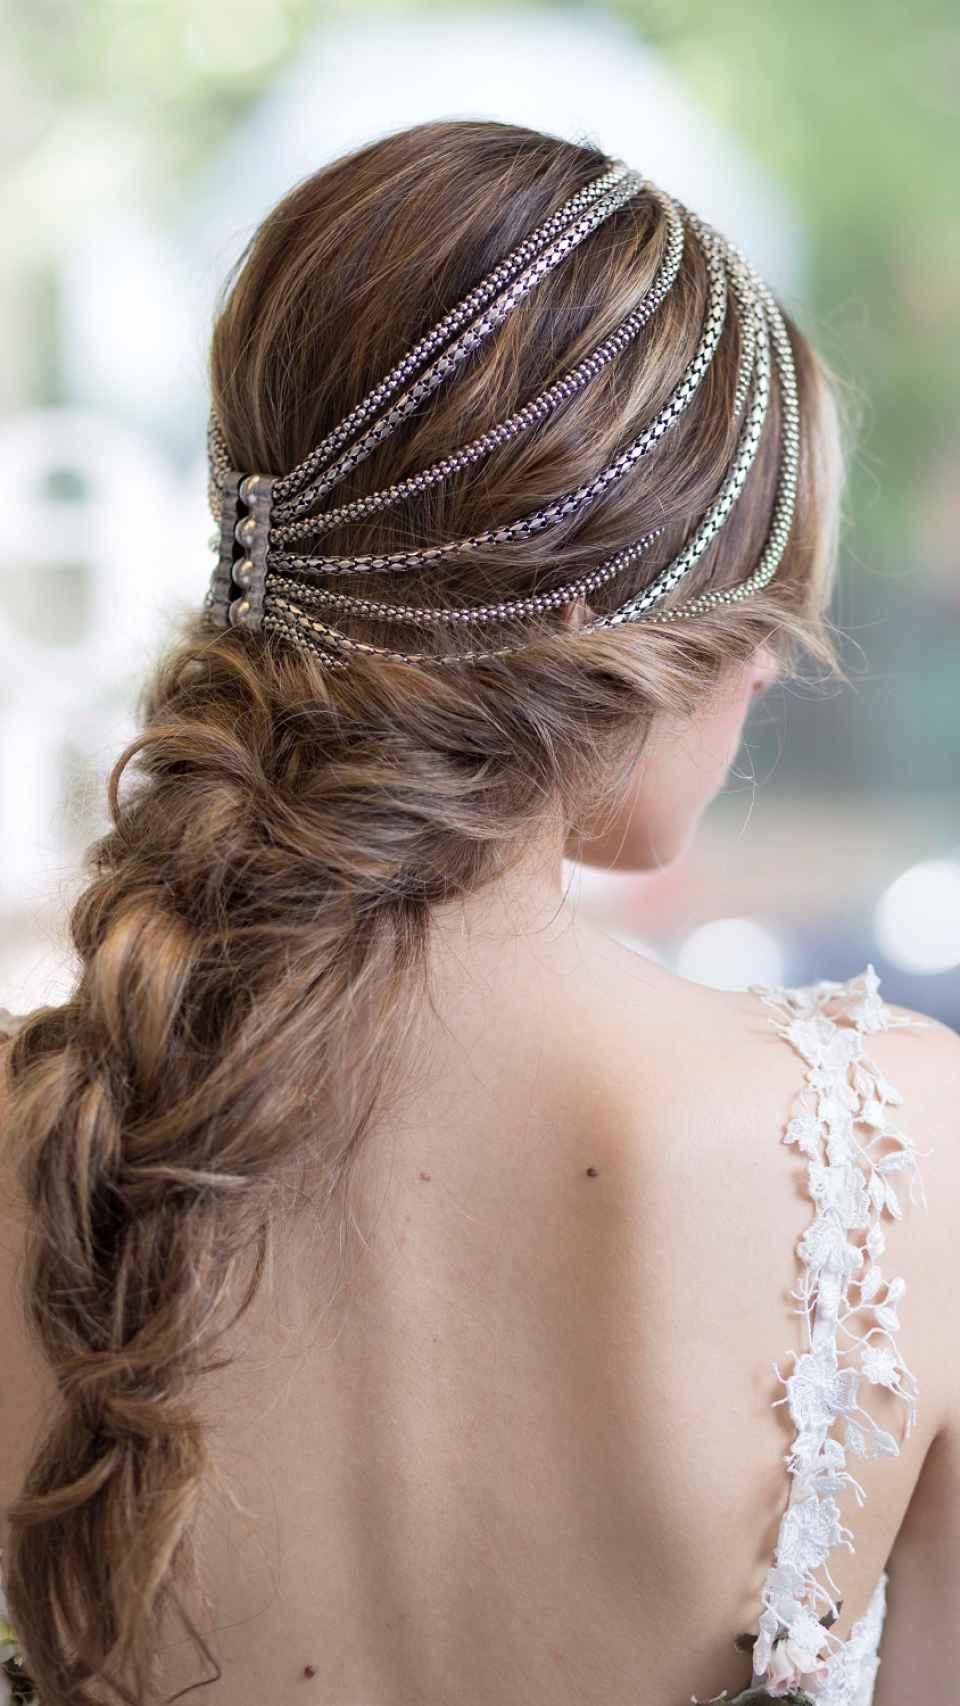 Detalle del peinado trenzado de una novia.